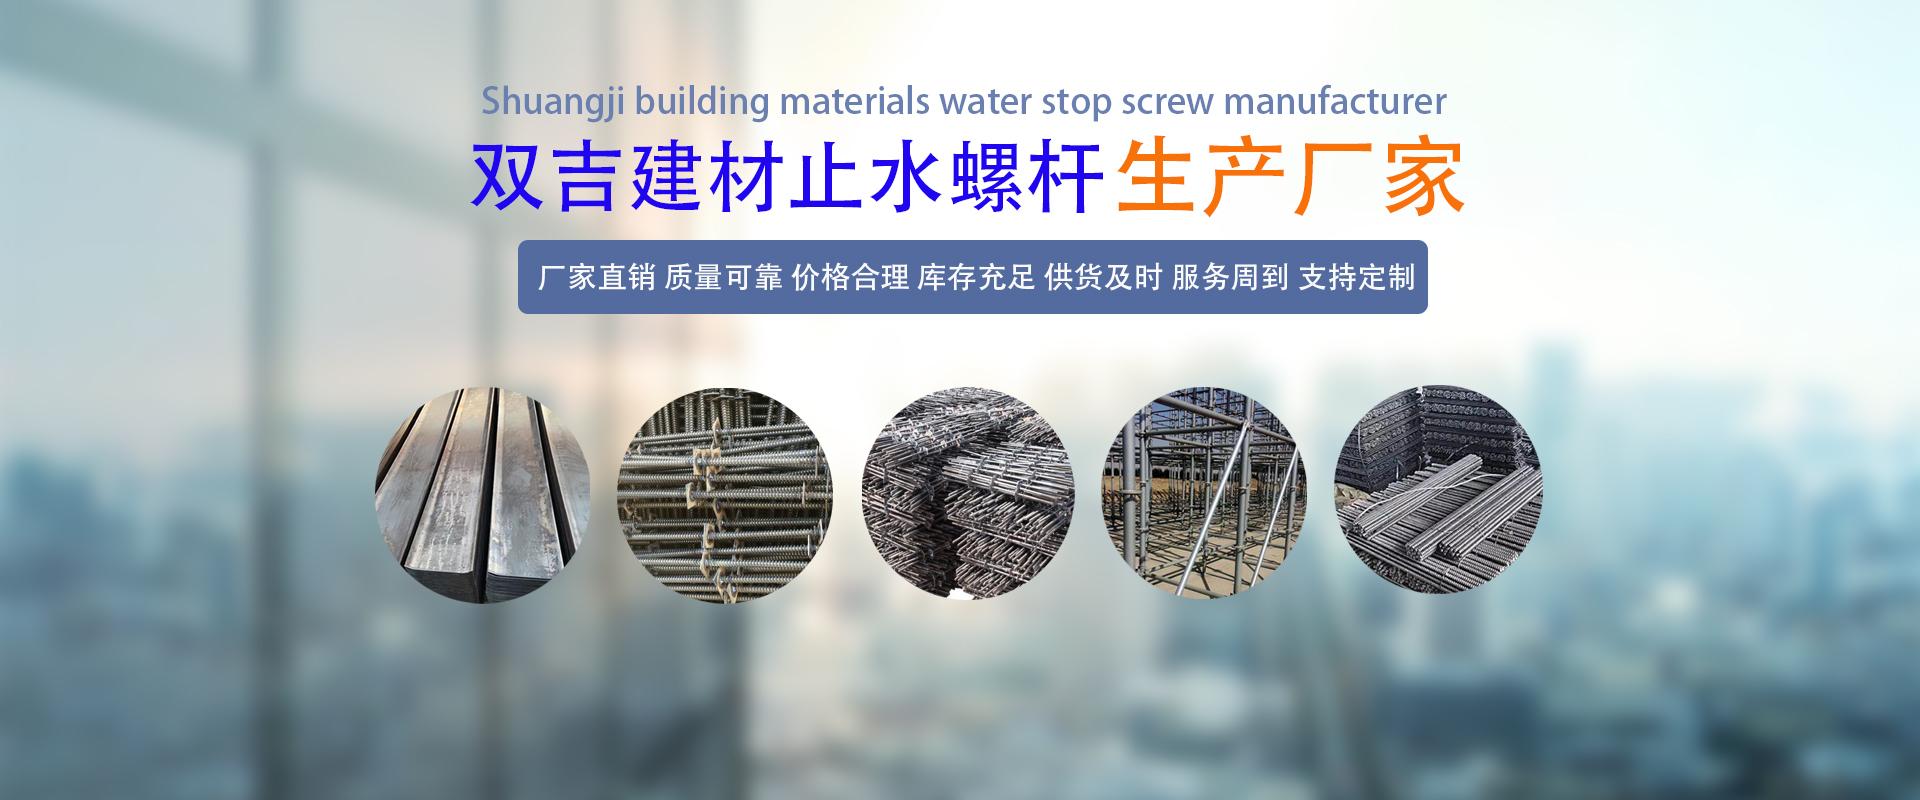 福州止水螺栓,止水螺栓厂家,三段式止水螺杆厂家